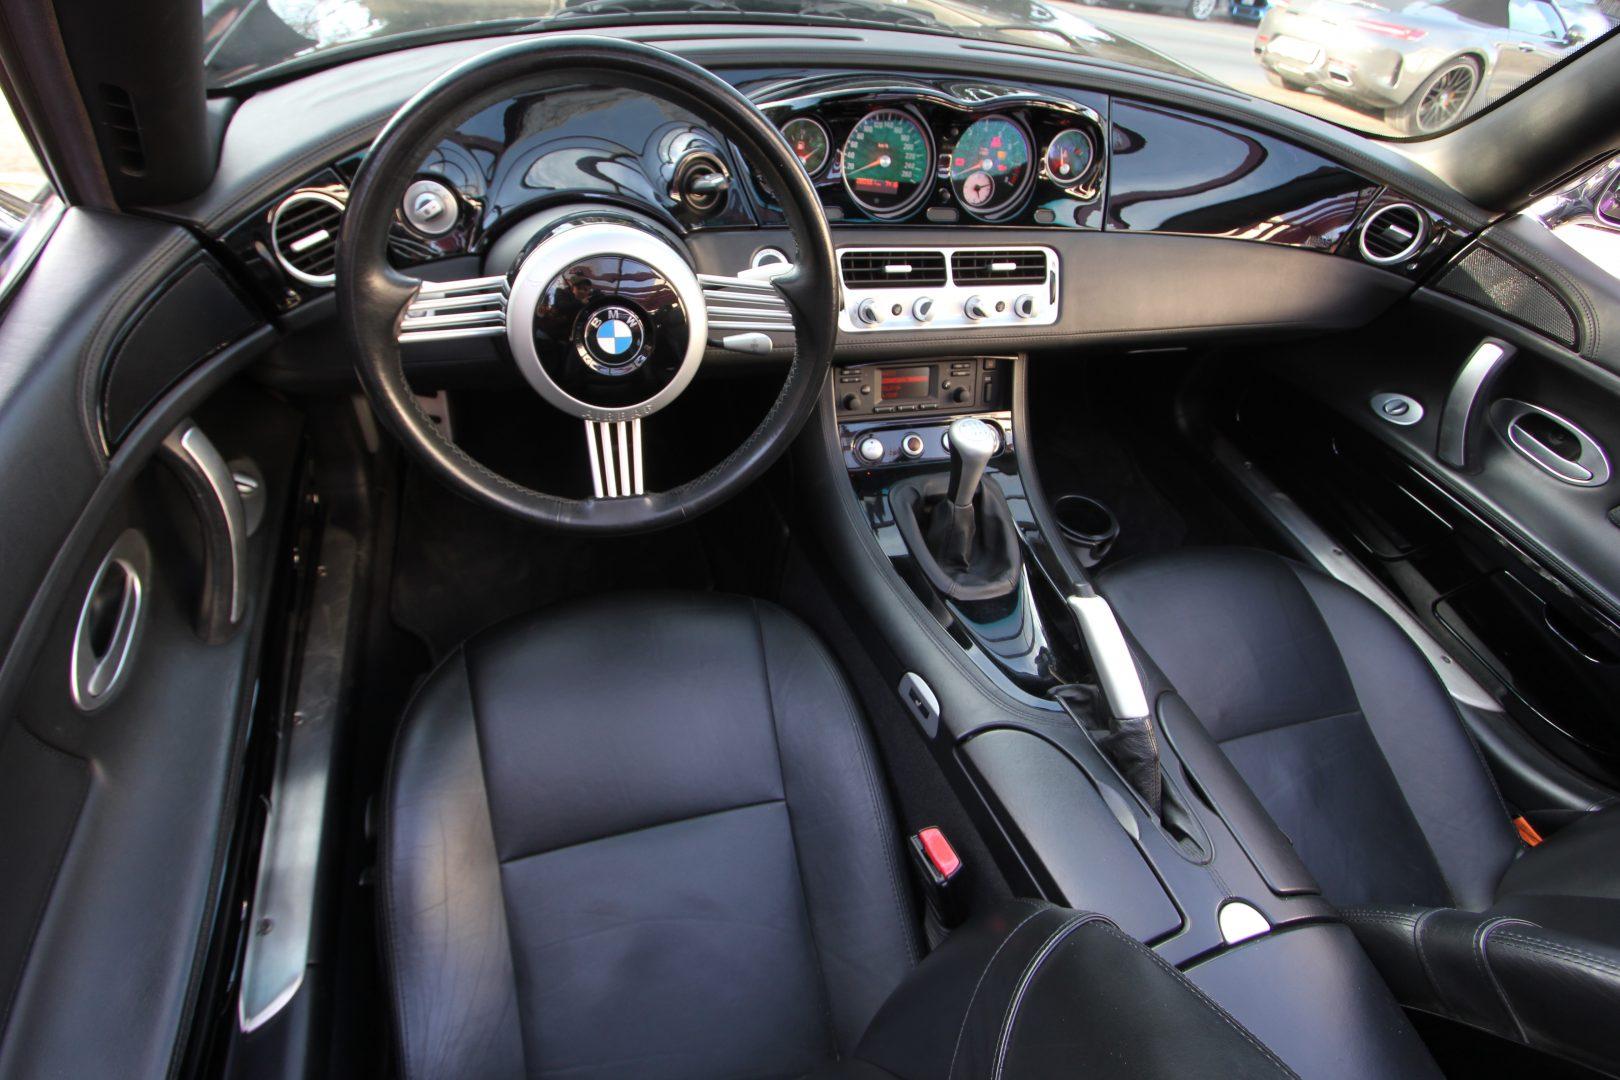 AIL BMW Z8 Performance Paket 5.0 V8 4